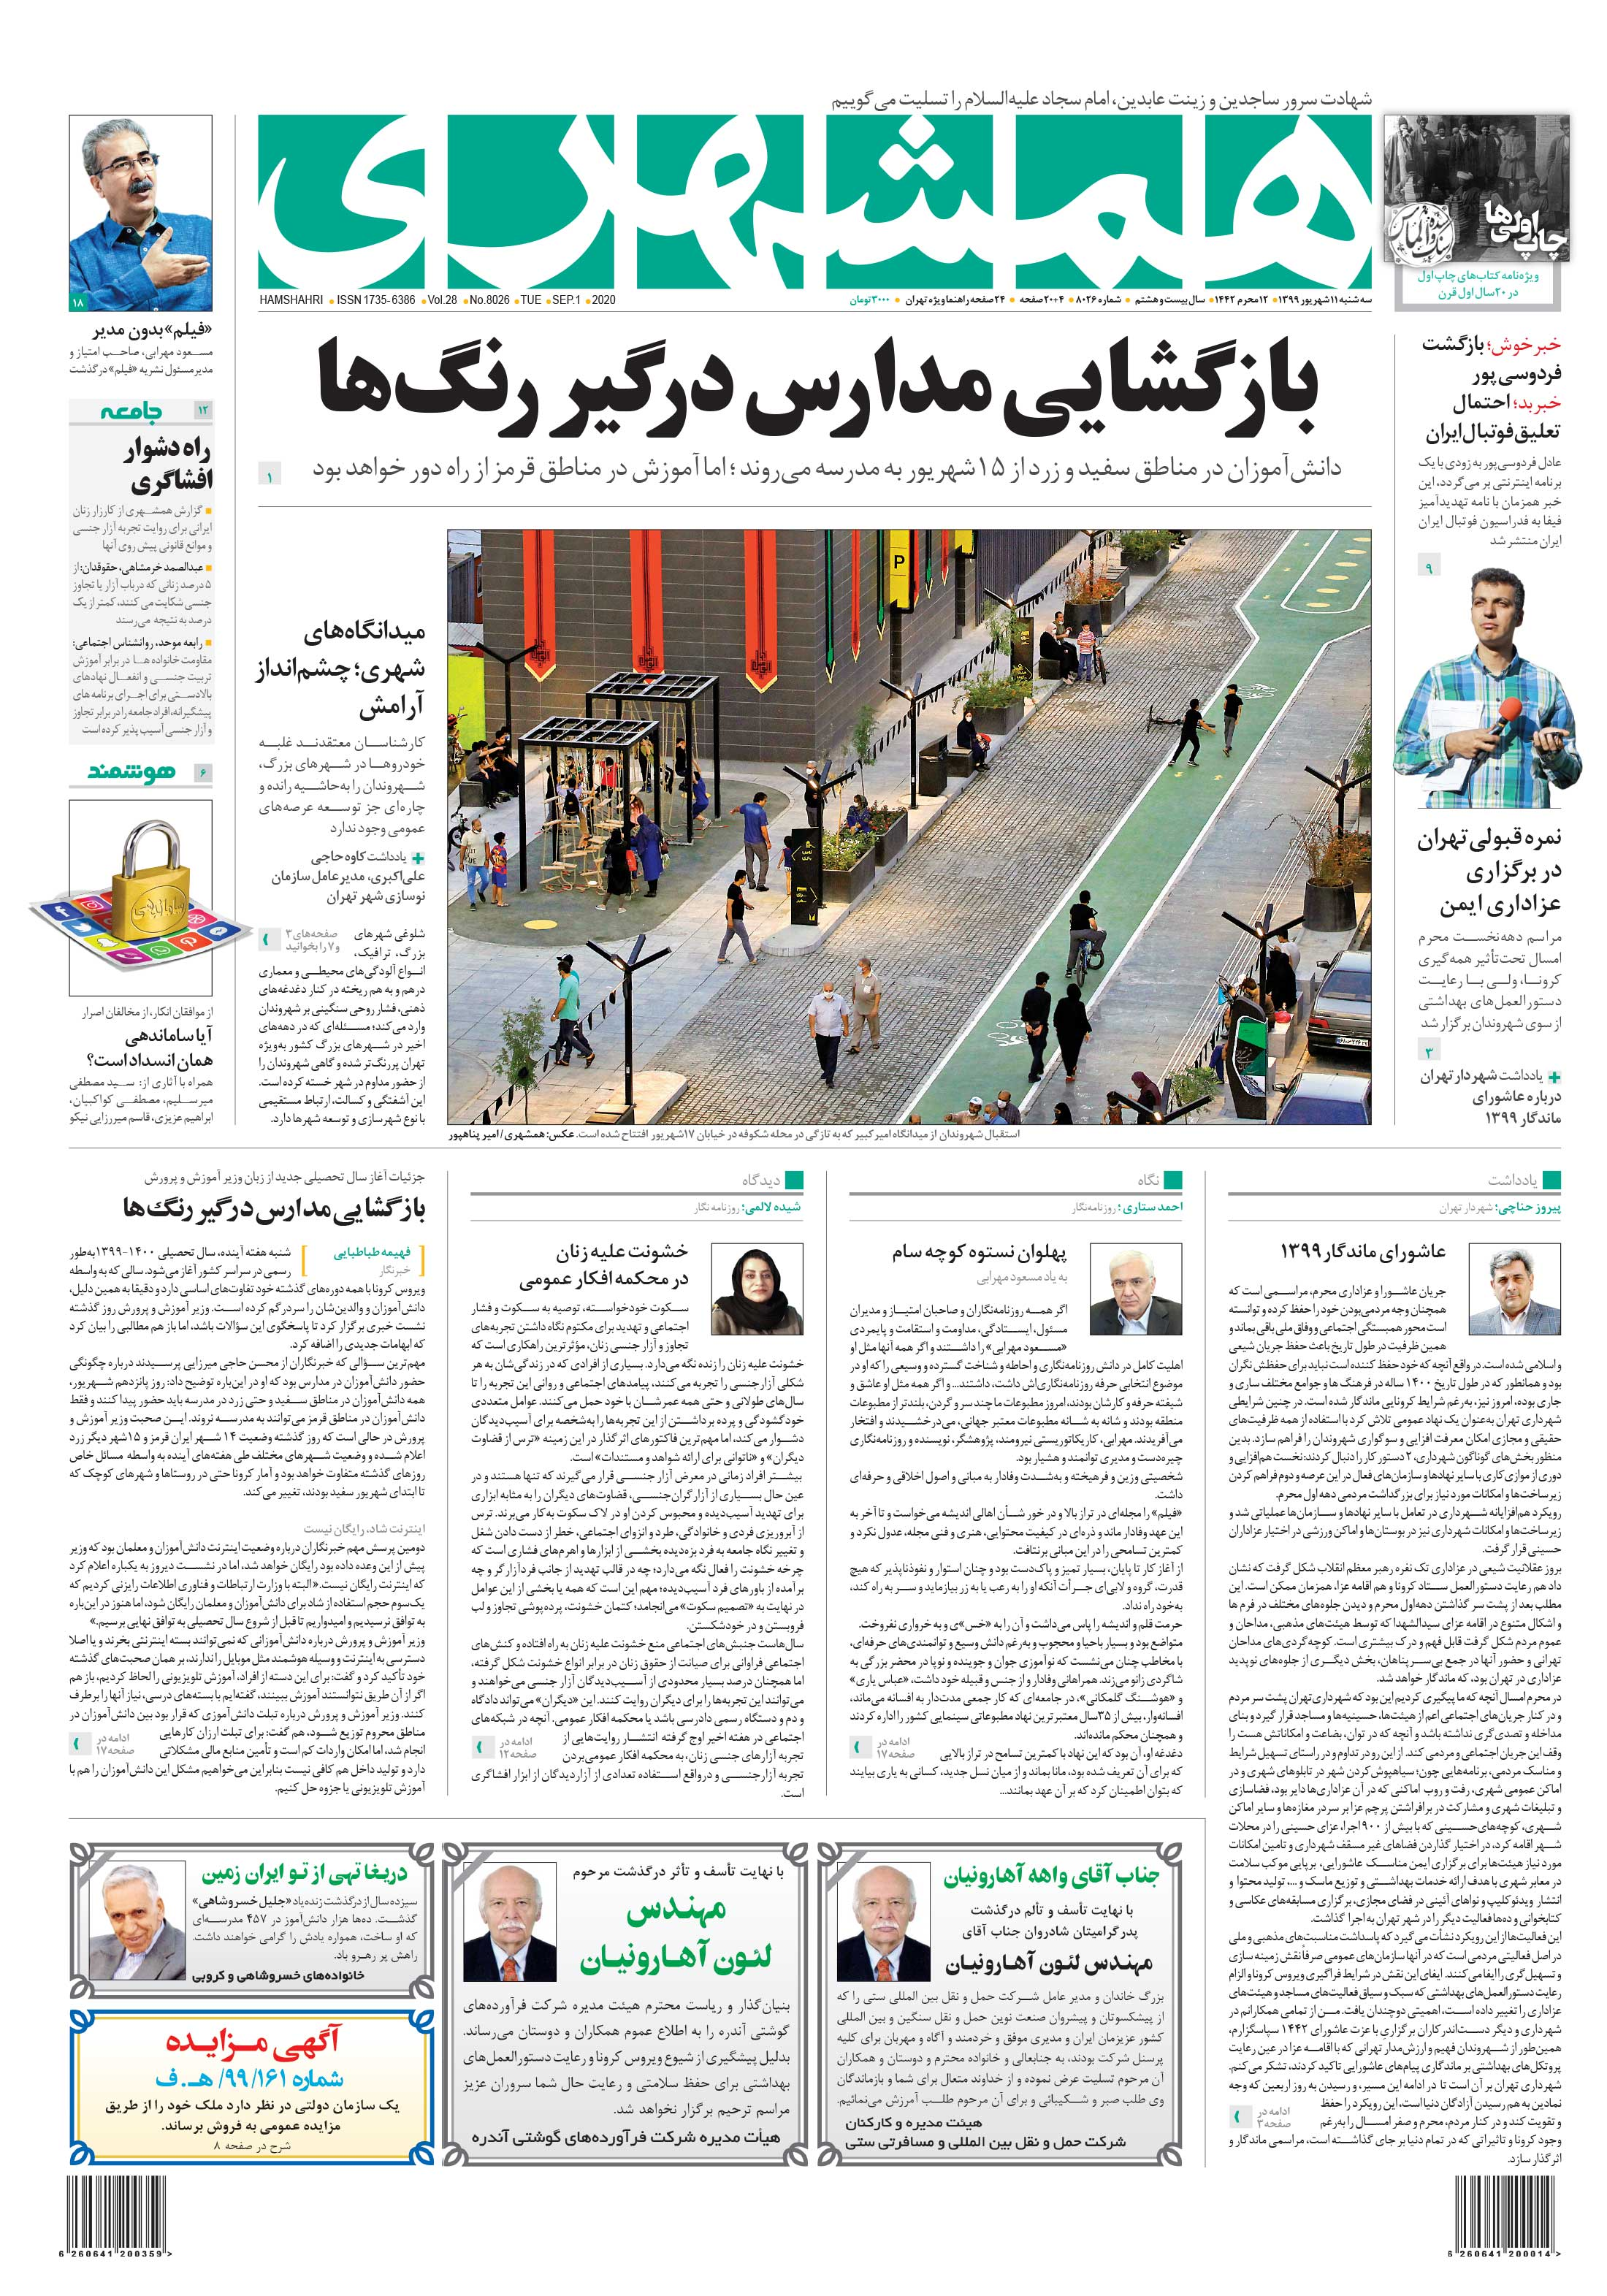 صفحه اول سهشنبه 11 شهریور 1399